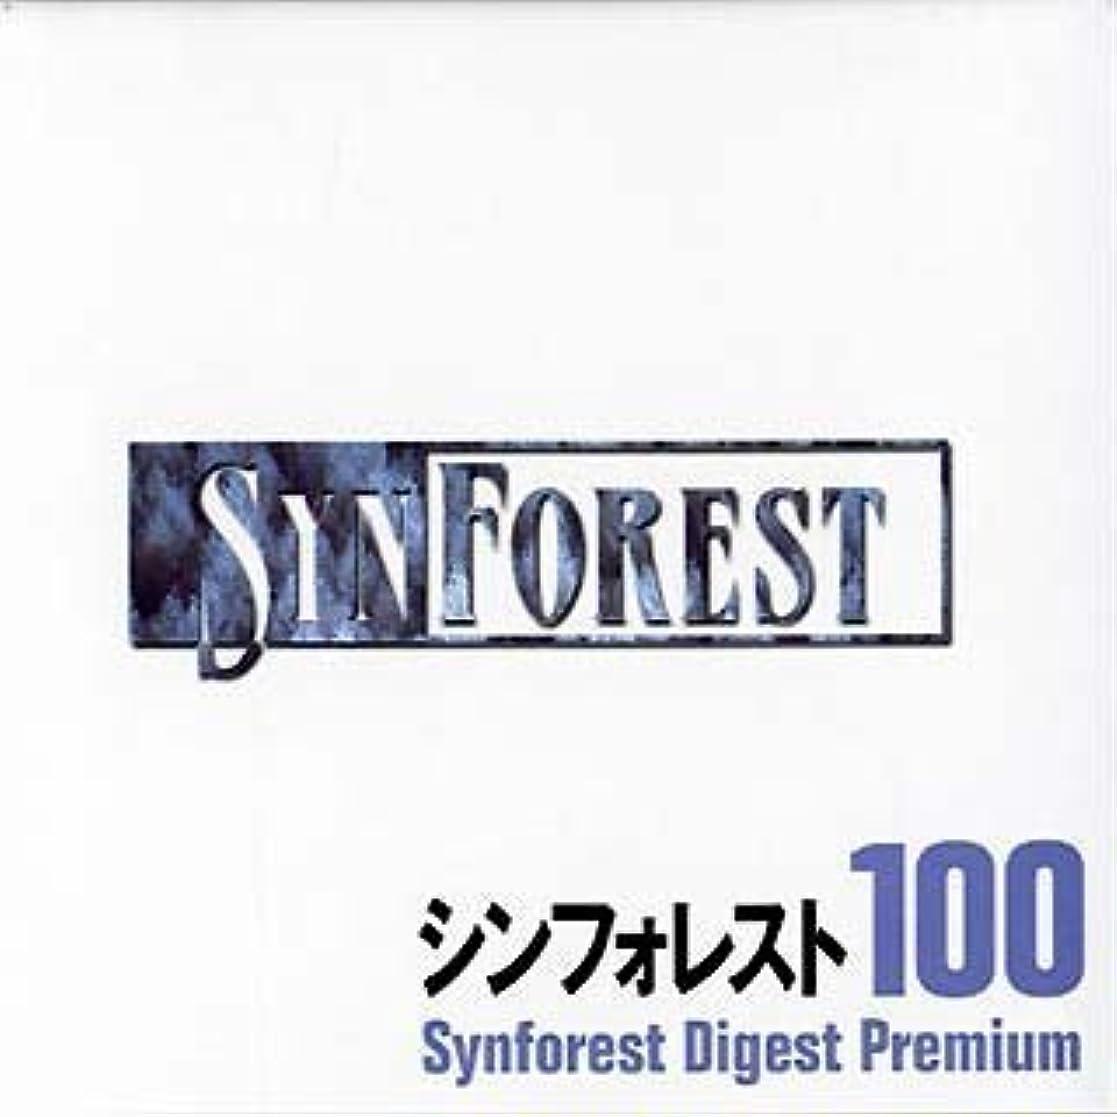 目を覚ます制約受賞シンフォレスト 100 Synforest Digest Premium